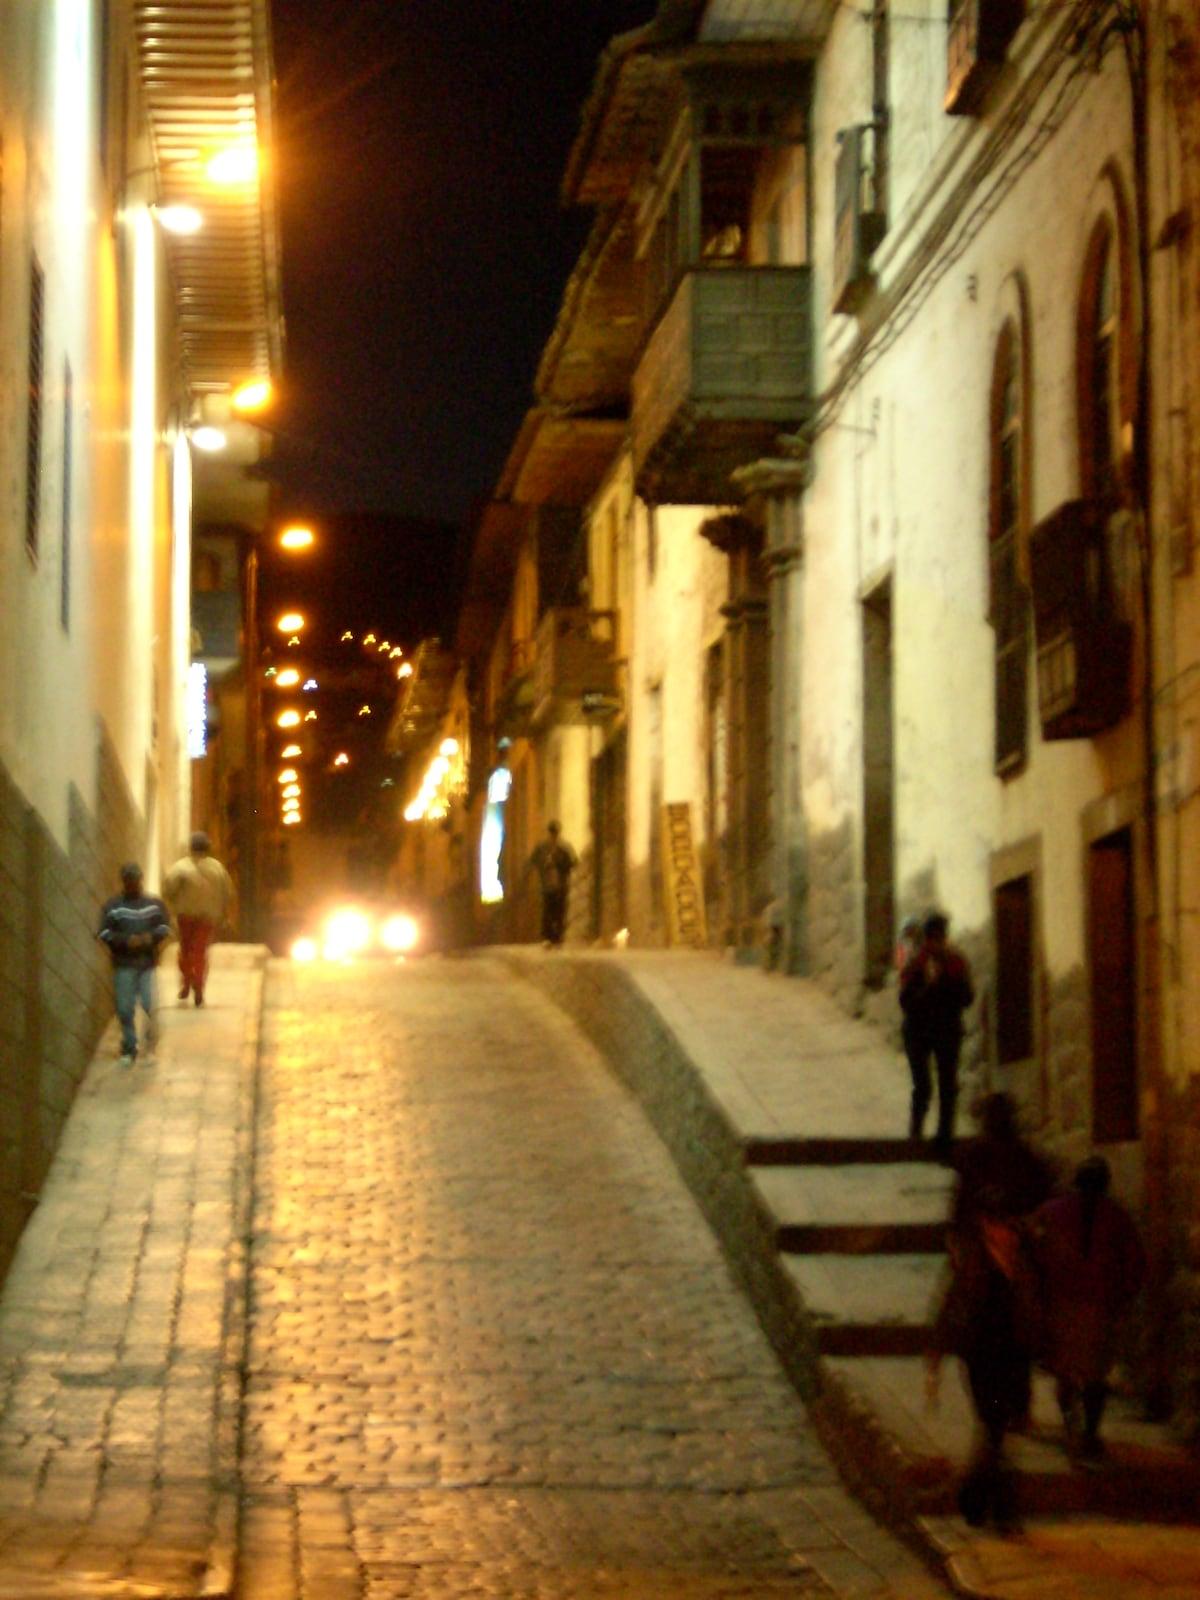 NICE STREET BY MERCADO SAN PEDRO